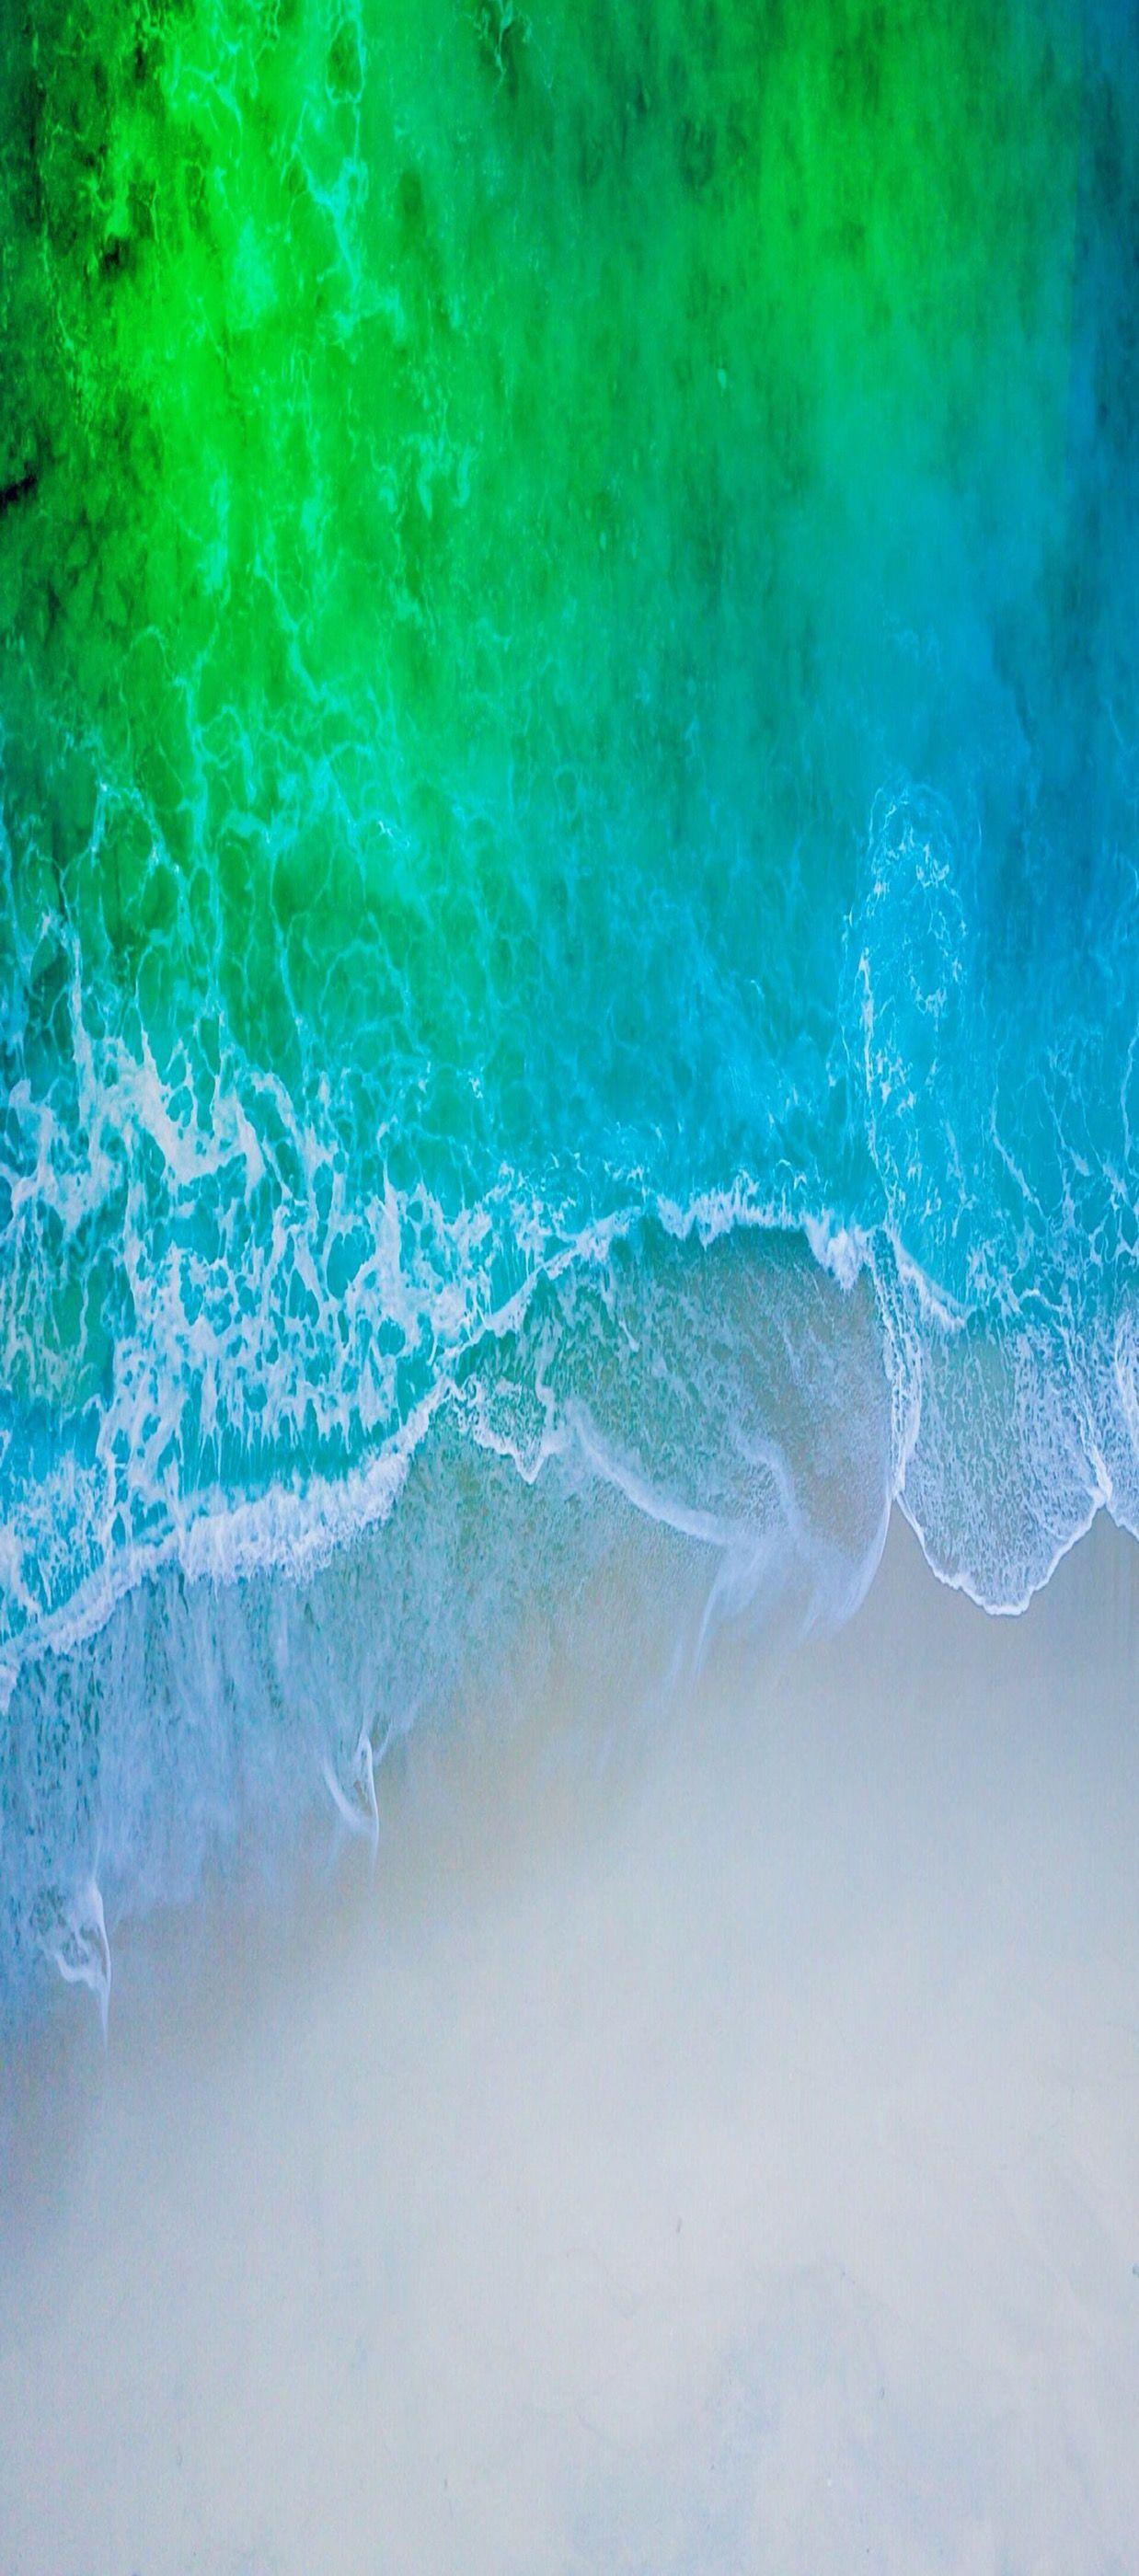 iOS 11 iPhone X Aqua blue Water beach wave ocean apple 1238x2800